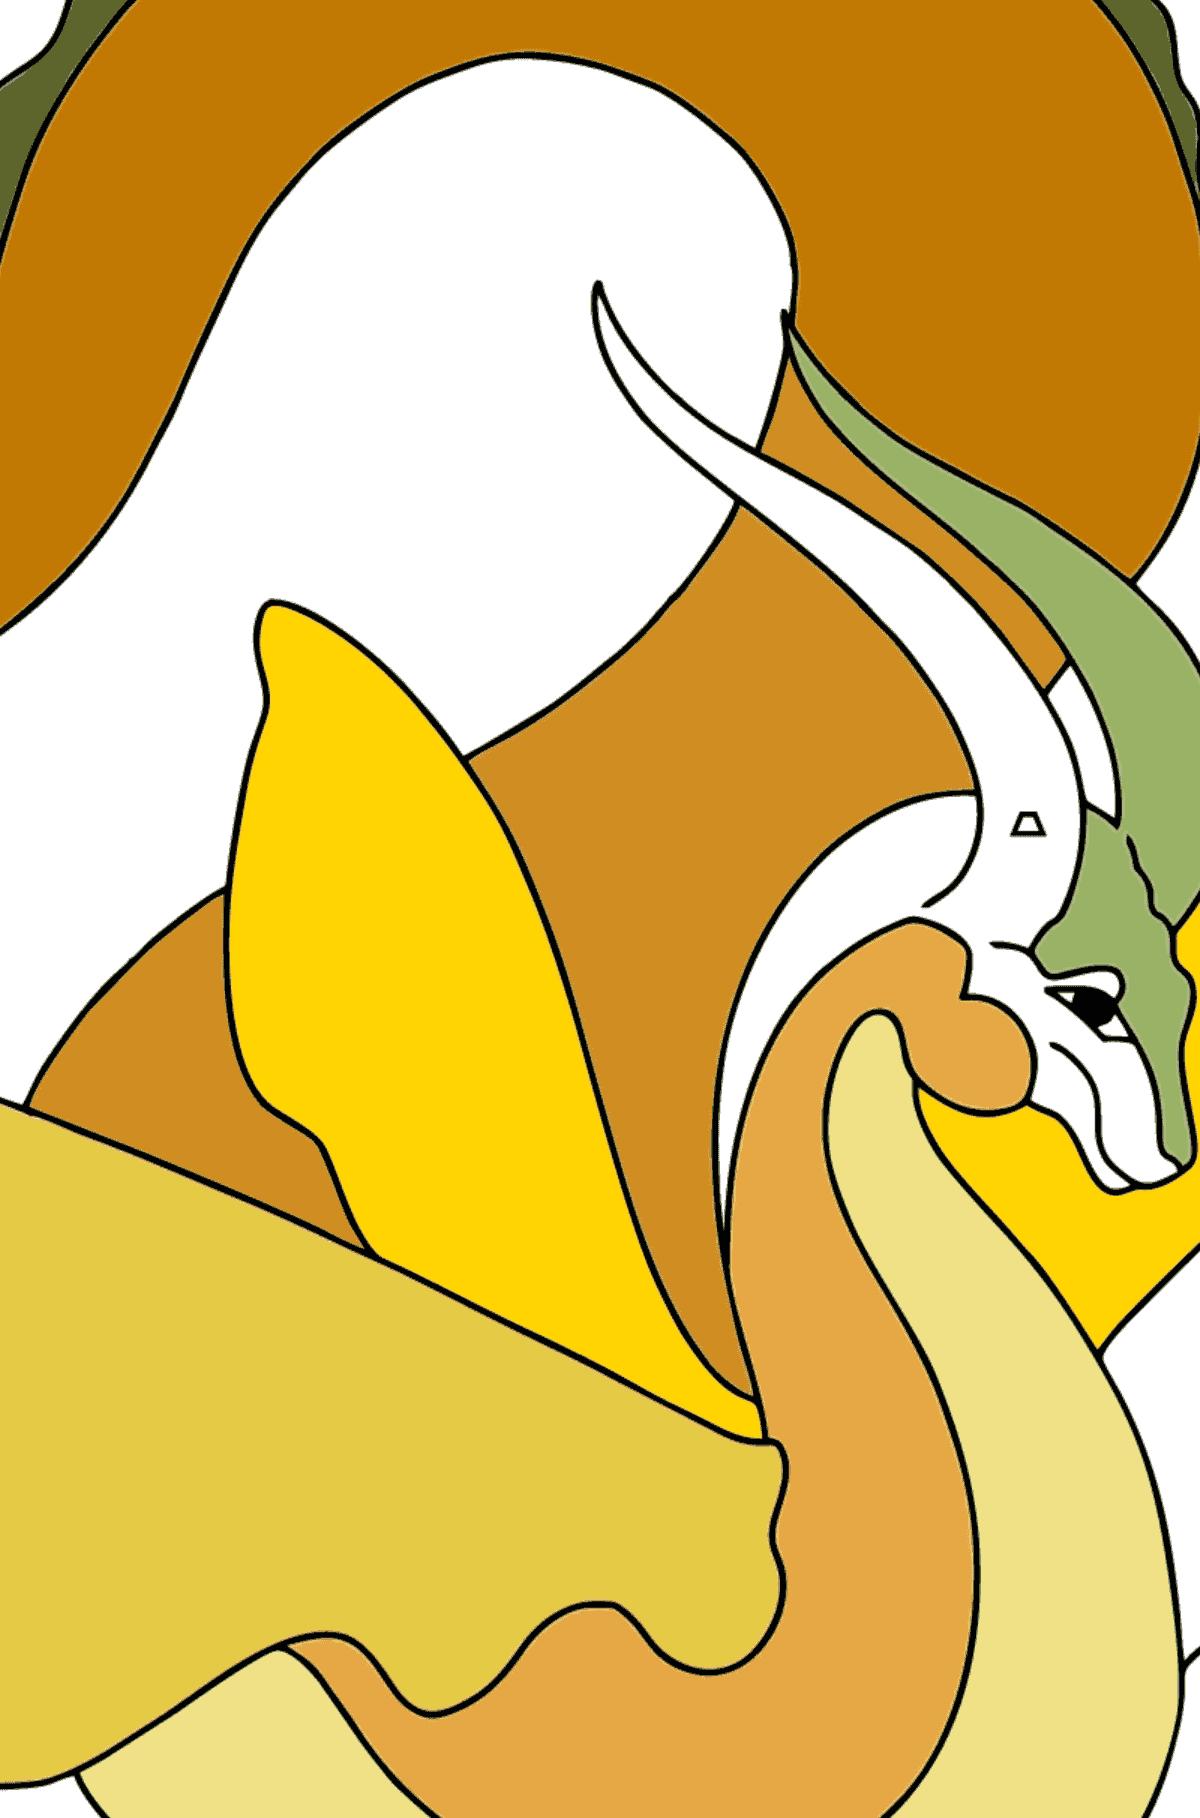 Ausmalseite - Ein Drache mit orangefarbenem Schwanz - Ausmalen nach Geometrischen Formen für Kinder